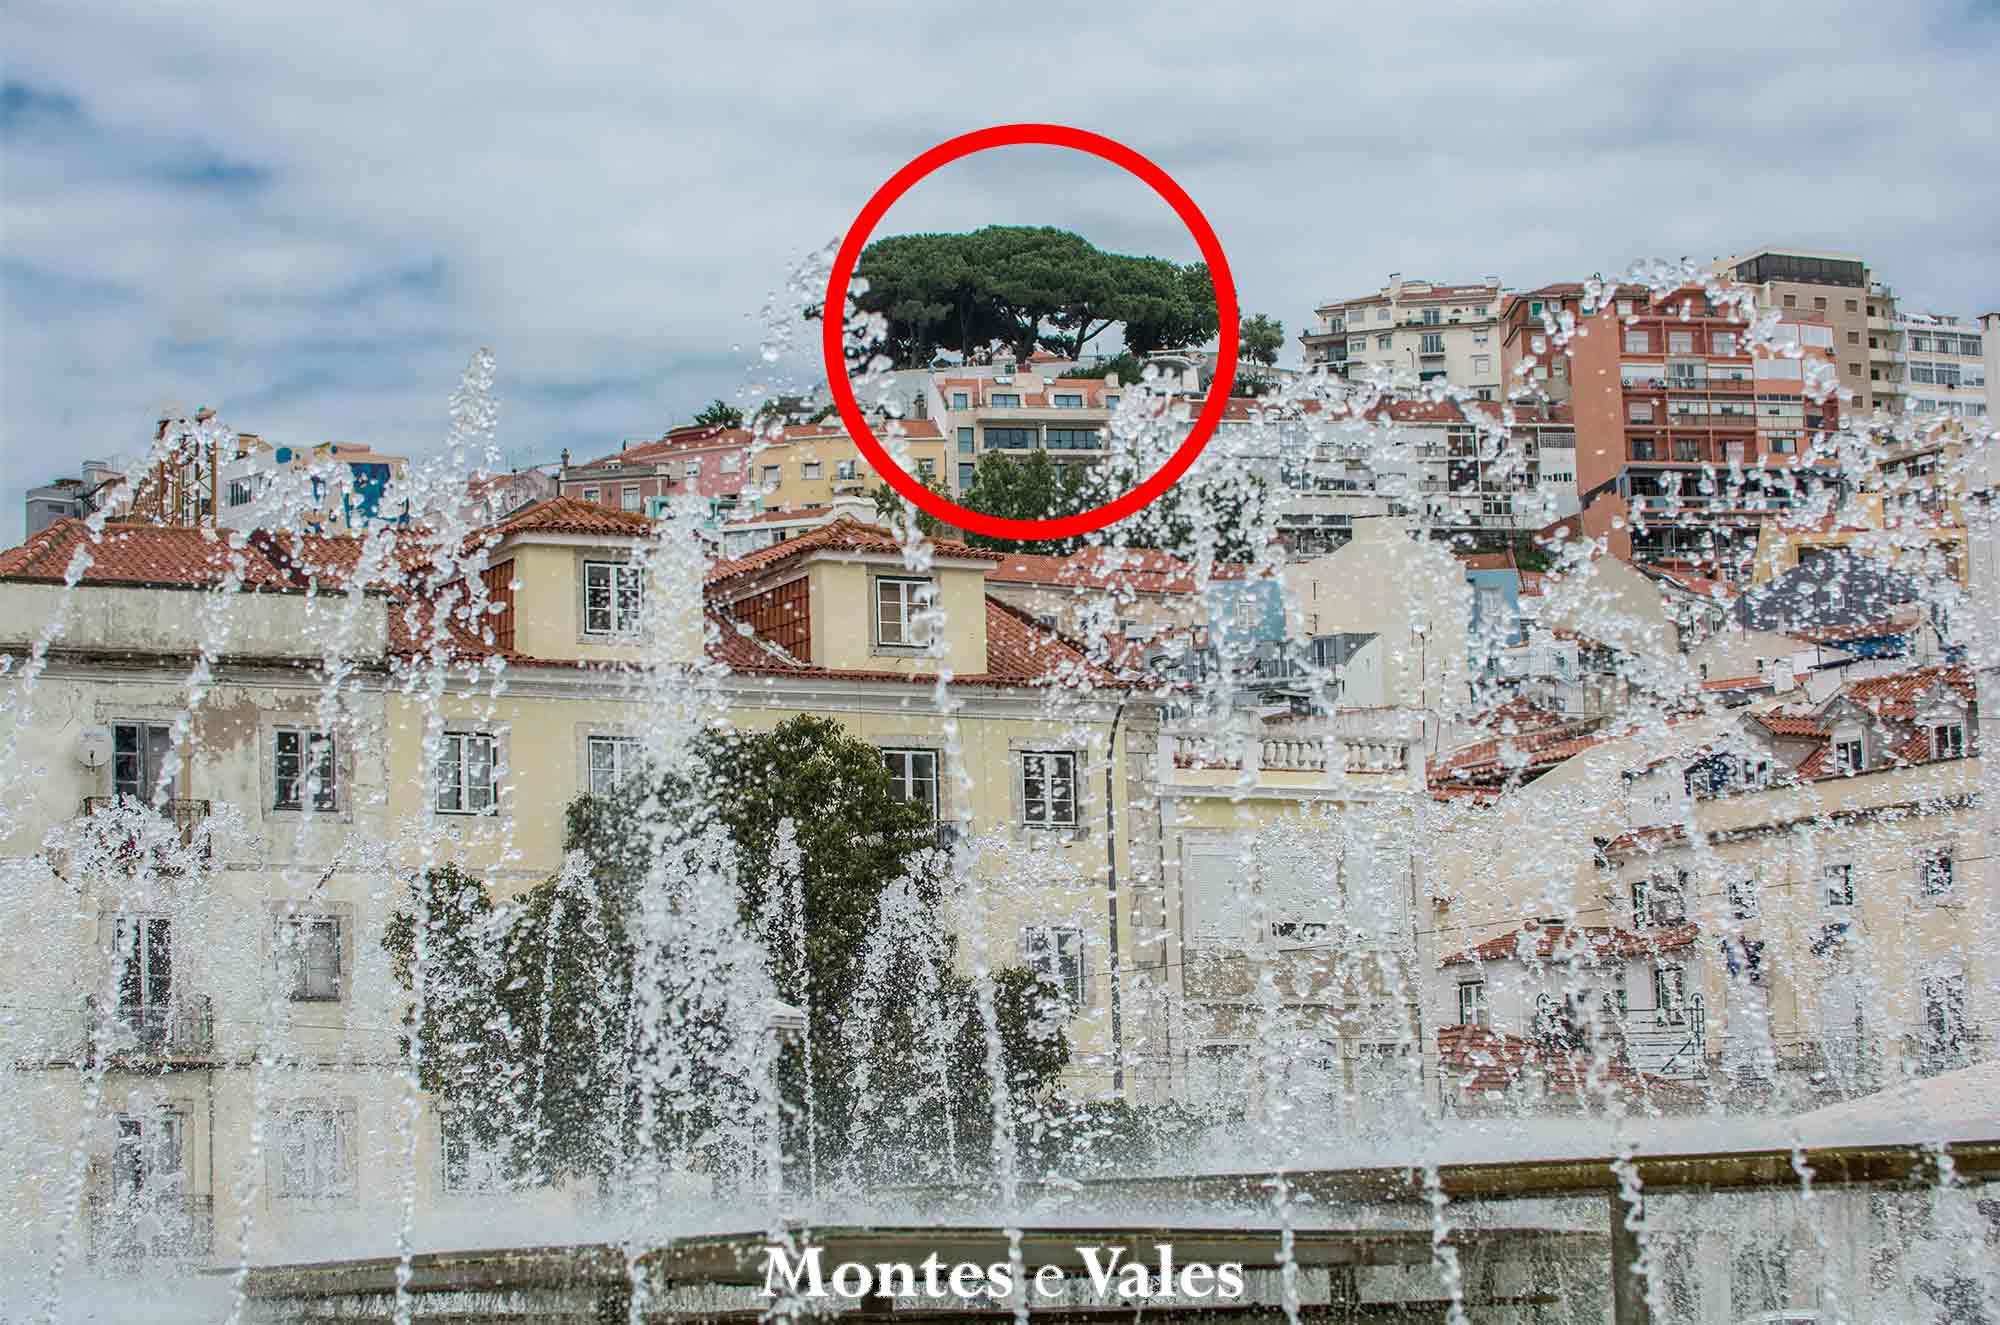 Miradouro, qual é assinalado na fotografia?